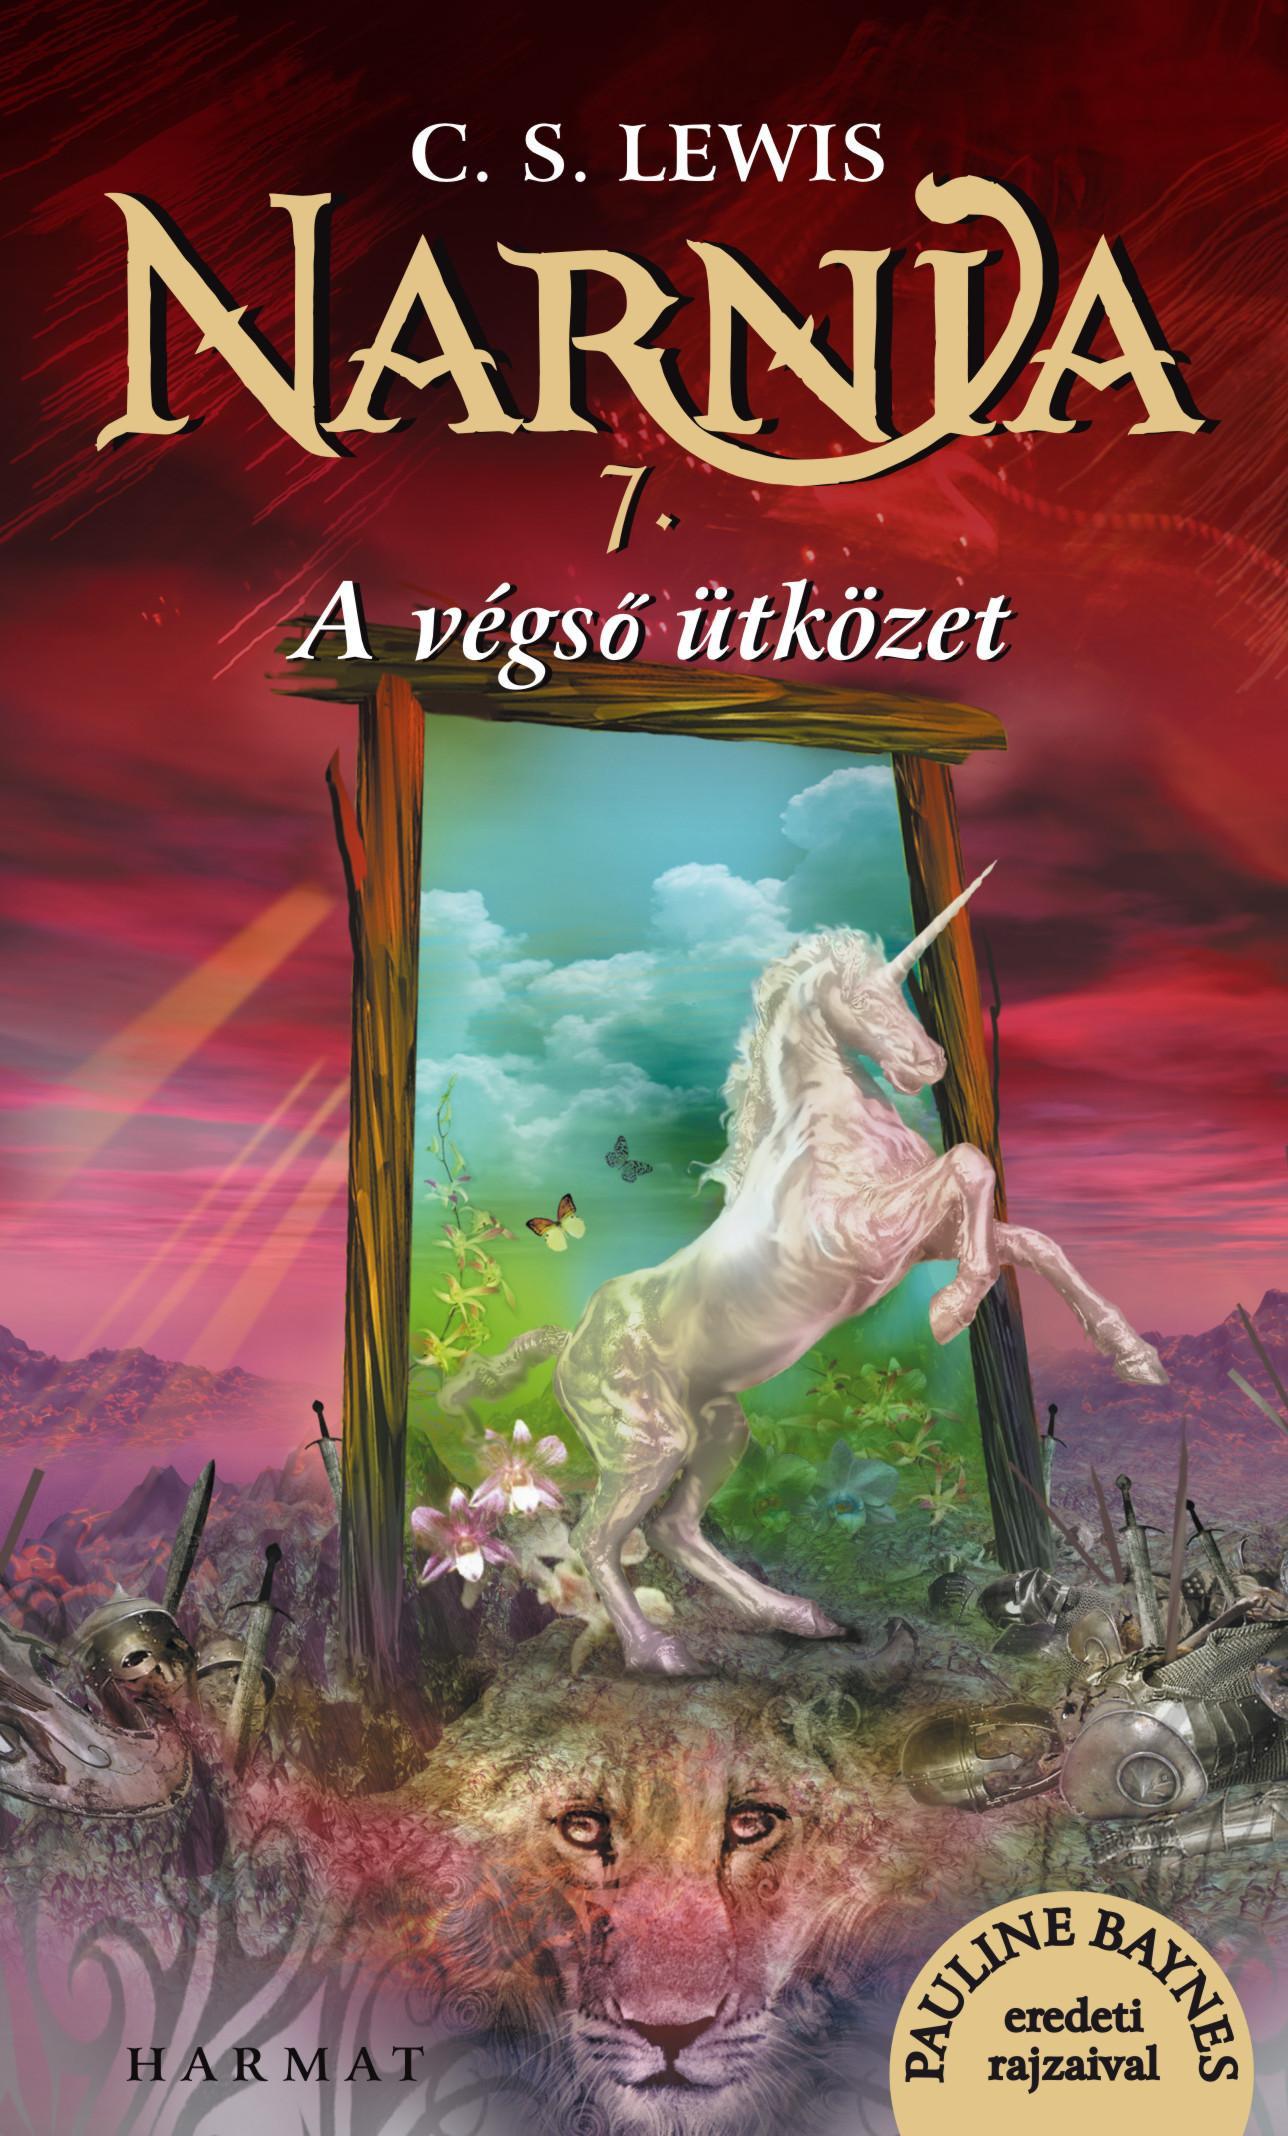 Narnia krónikái 7. - A végső ütközet - Illusztrált kiadás